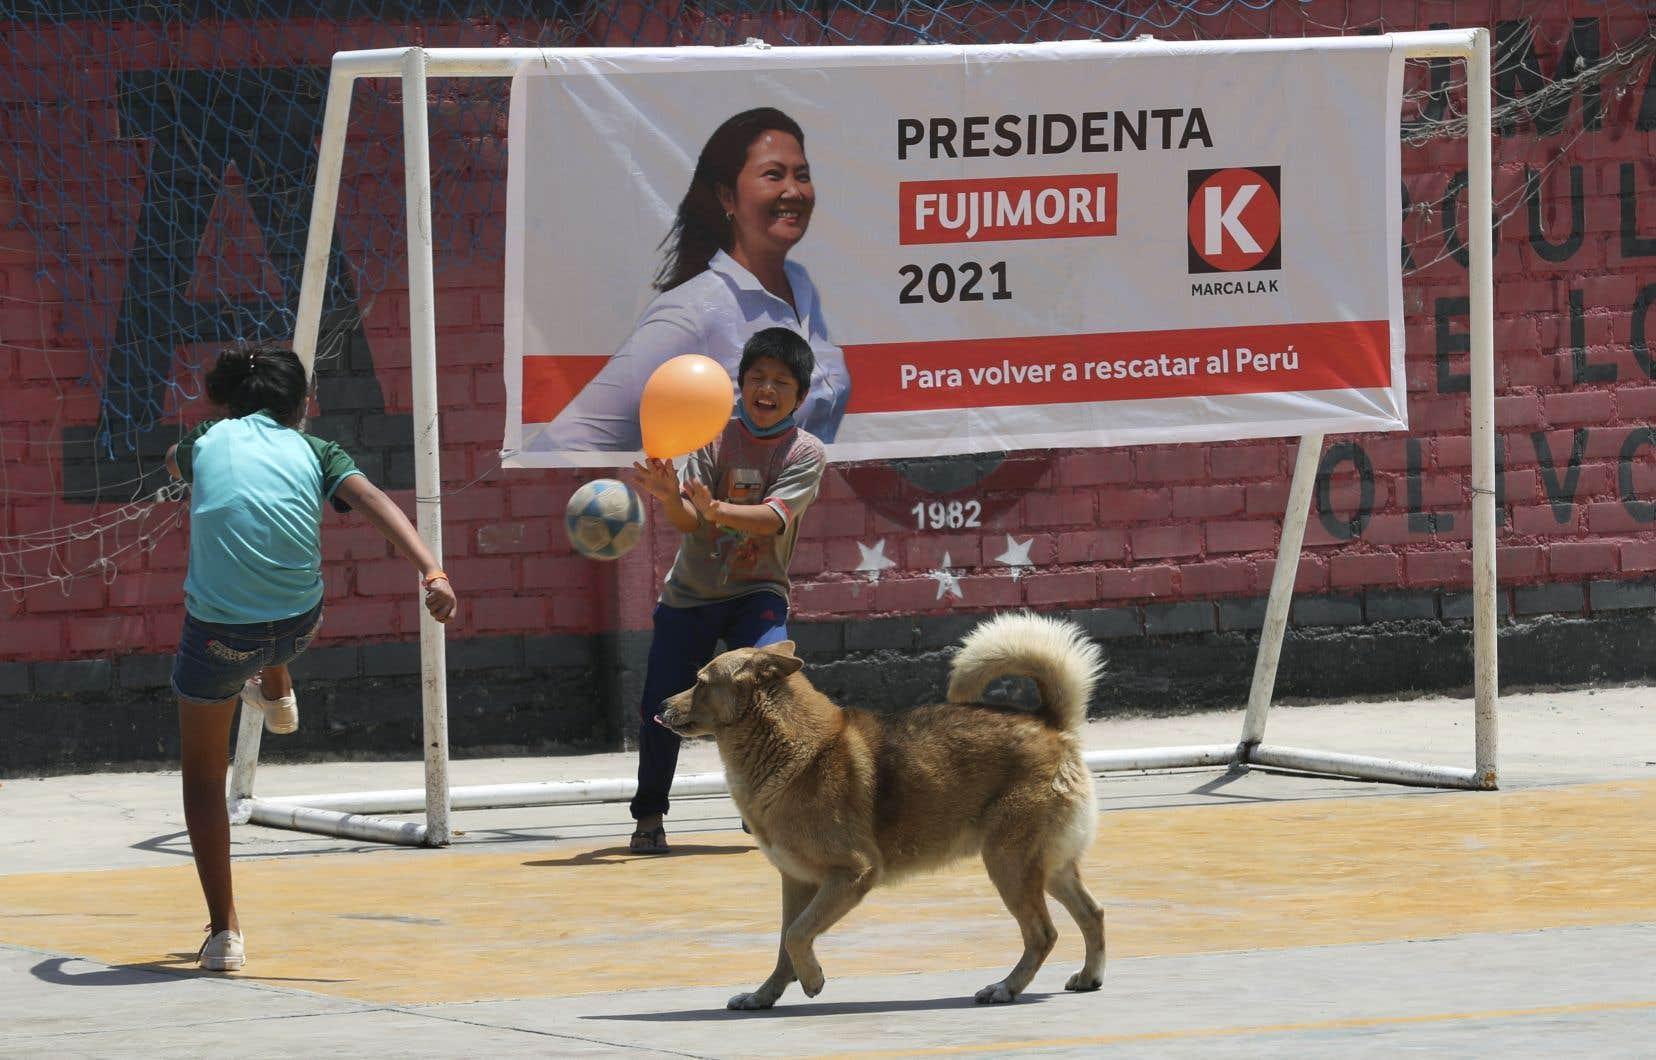 Keiko Fujimori, 45ans, fille aînée de l'ex-président Alberto Fujimori et héritière du fujimorisme, ce mélange de populisme autoritaire, de conservatisme sociétal et de libéralisme économique, a passé la moitié de sa vie en politique.